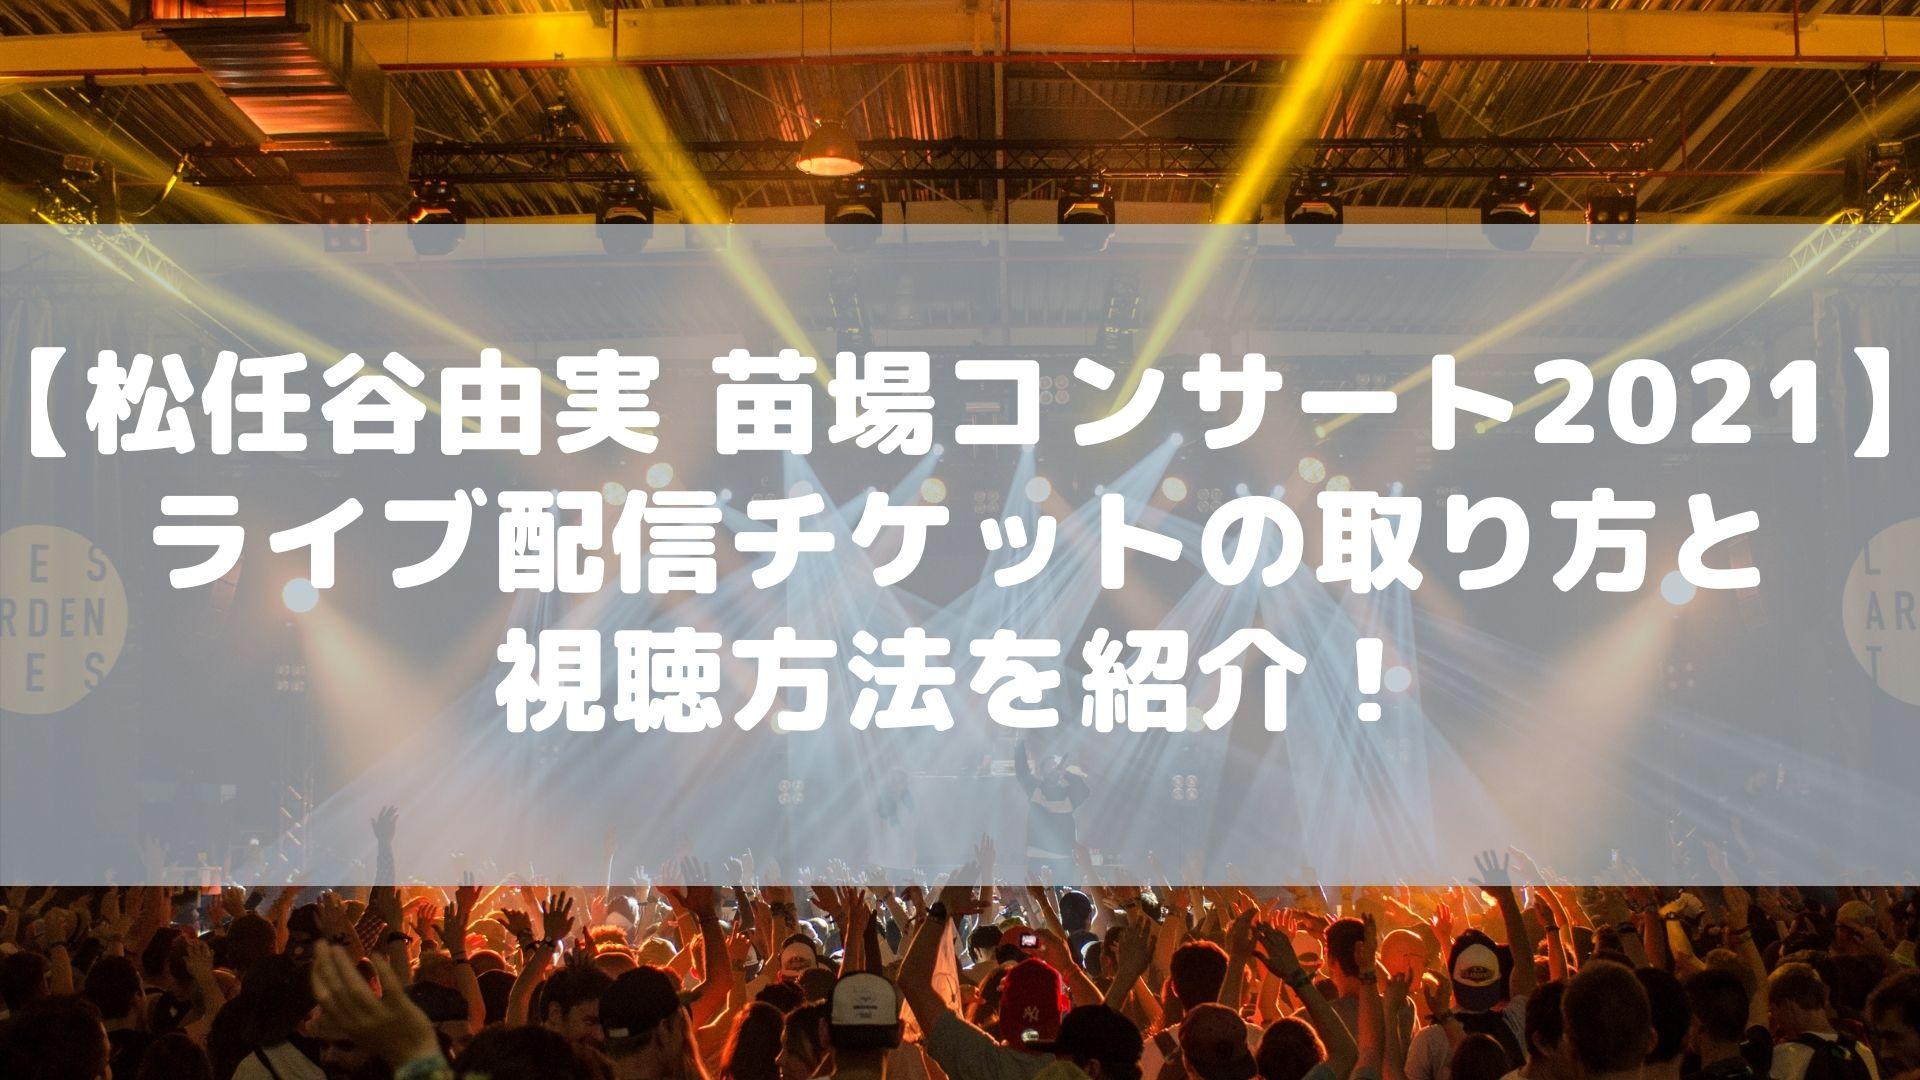 【松任谷由実 苗場コンサート2021】ライブ配信チケットの取り方と視聴方法を紹介!タイトル画像